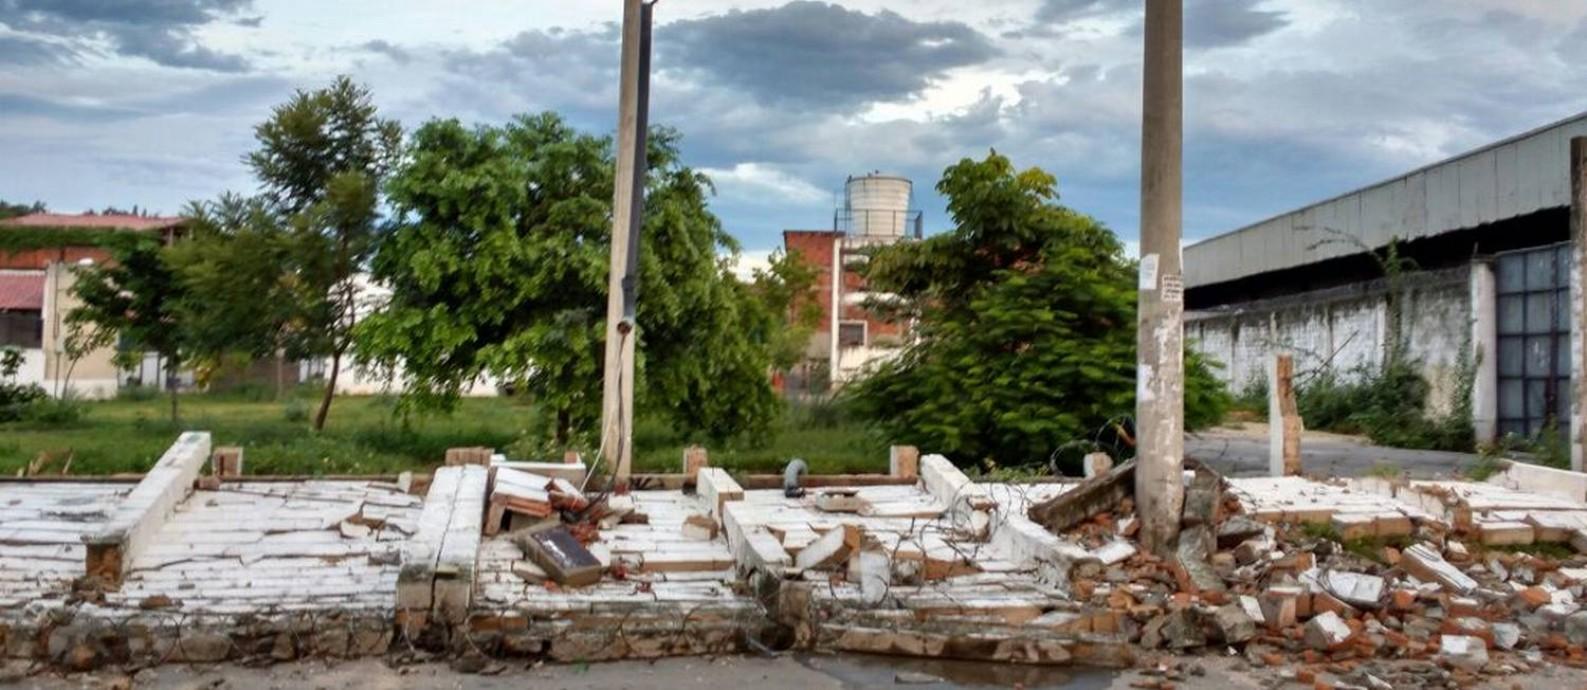 Muro caiu com temporal da última segunda-feira Foto: Divulgação